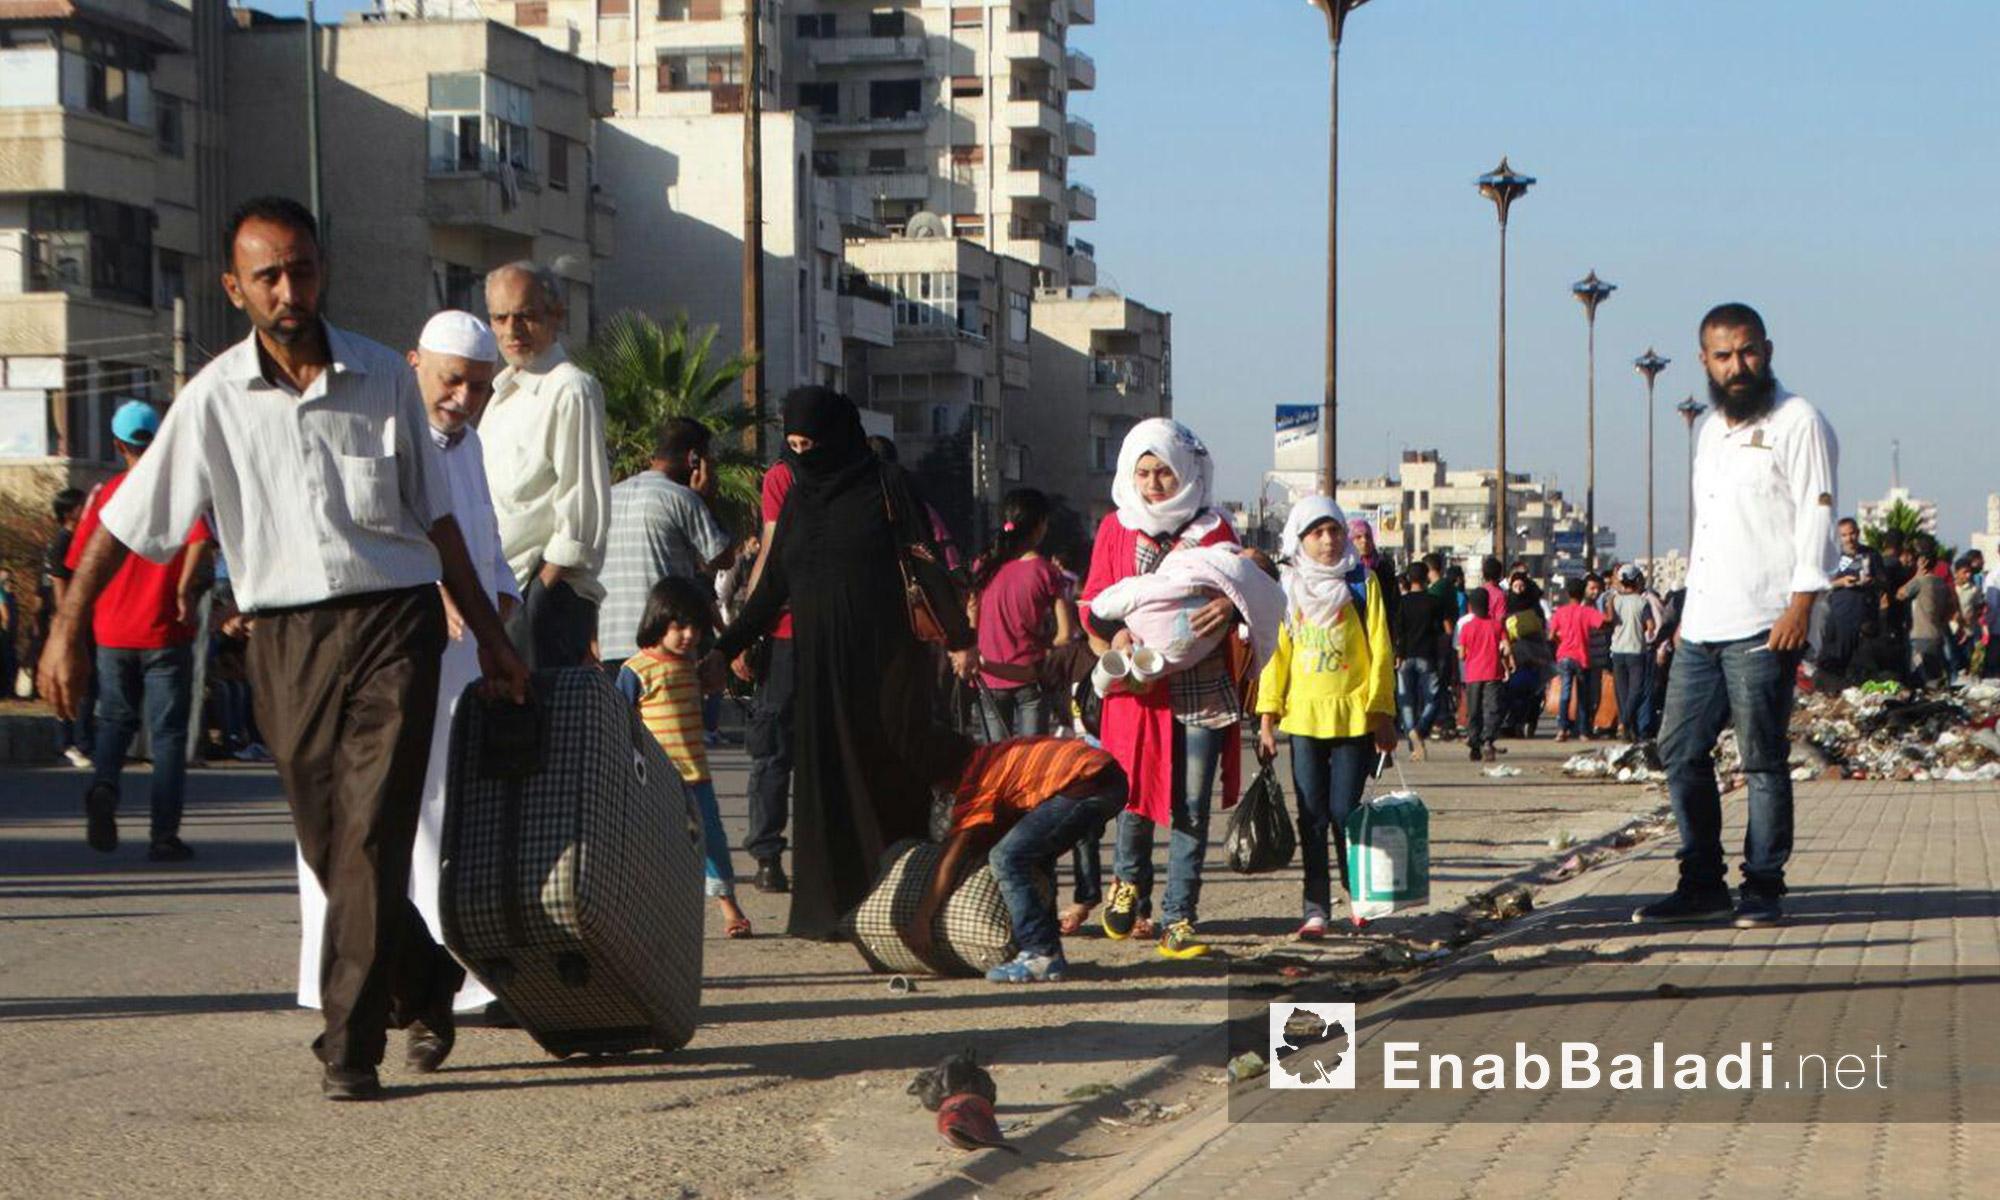 أهالي حي الوعر يتجهزون للخروج من الحي إلى ريف إدلب - الاثنين 19 أيلول (عنب بلدي)